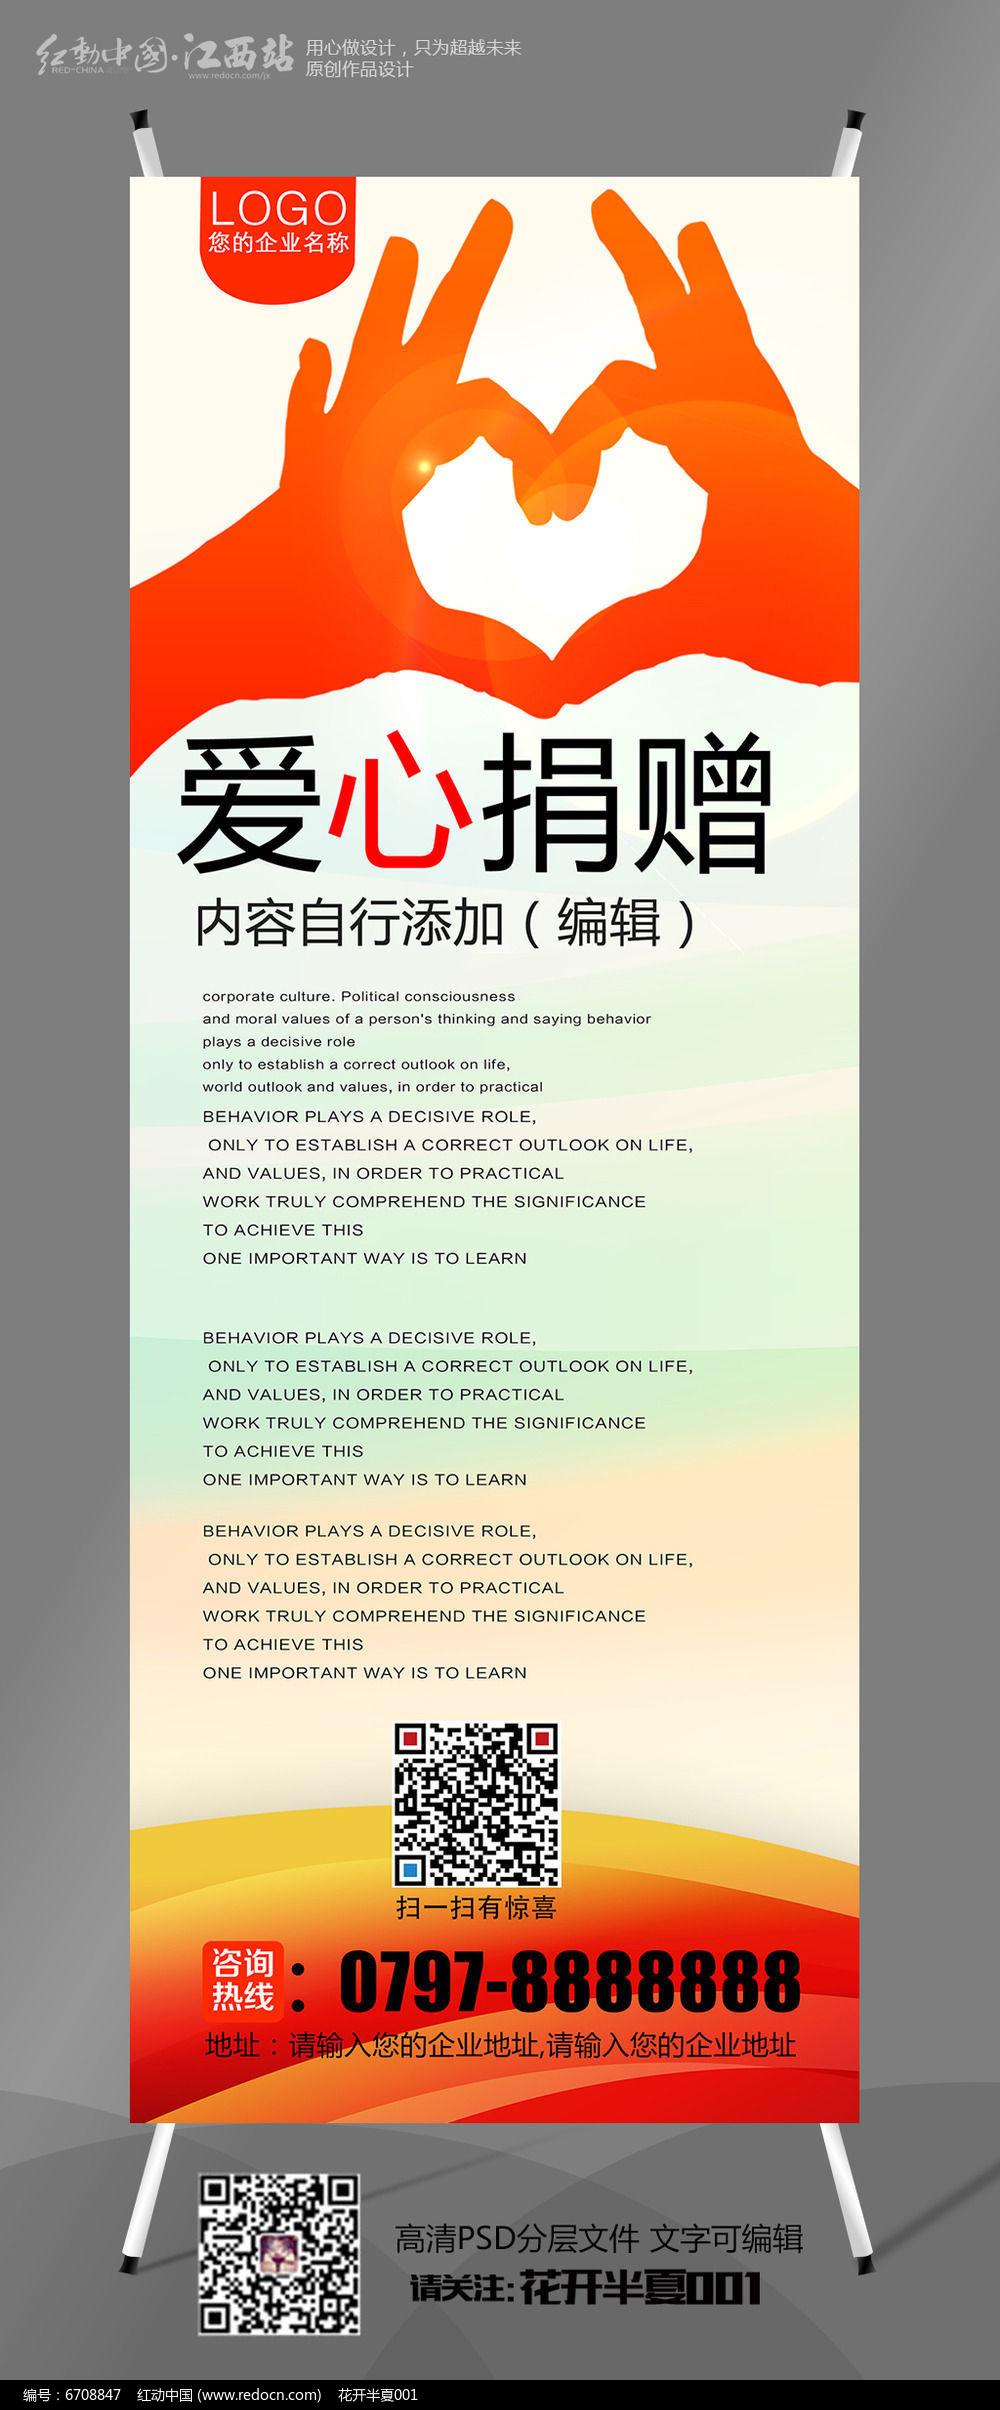 原创设计稿 海报设计/宣传单/广告牌 易拉宝 爱心捐赠x展架  请您分享